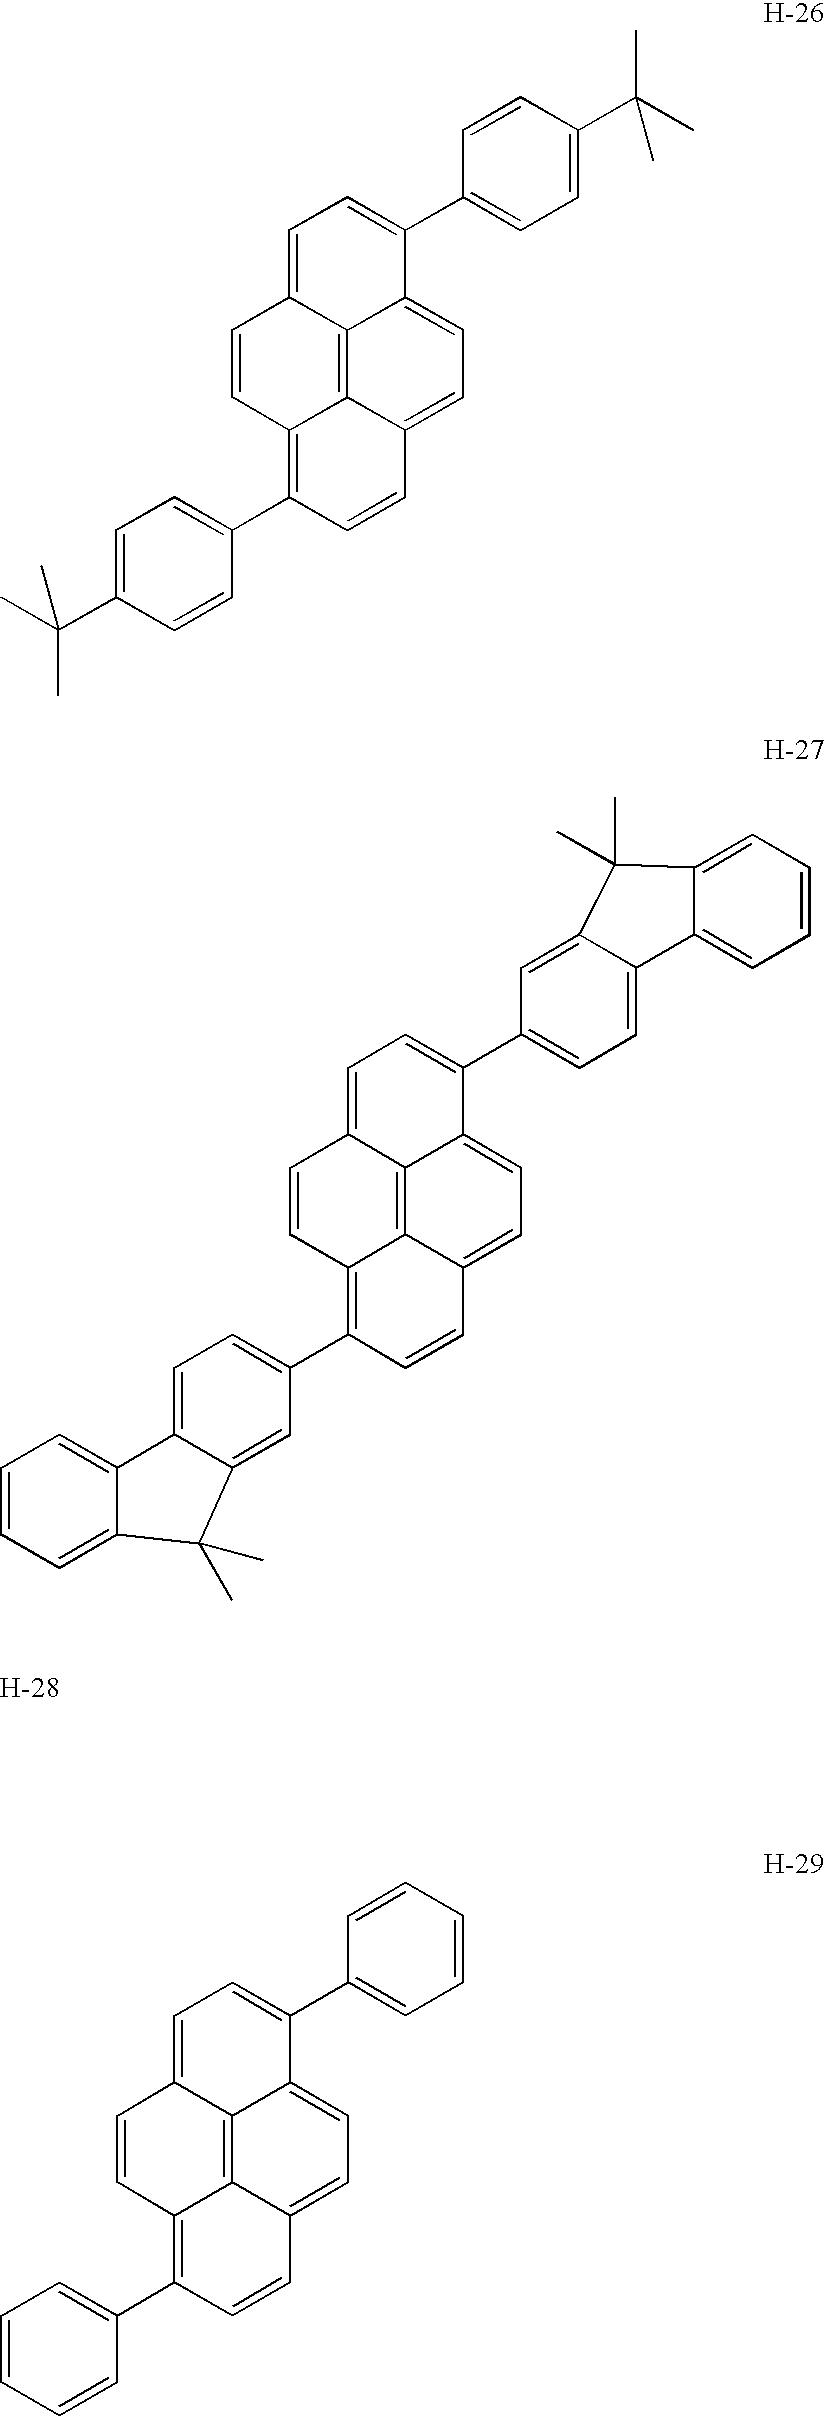 Figure US07651788-20100126-C00010